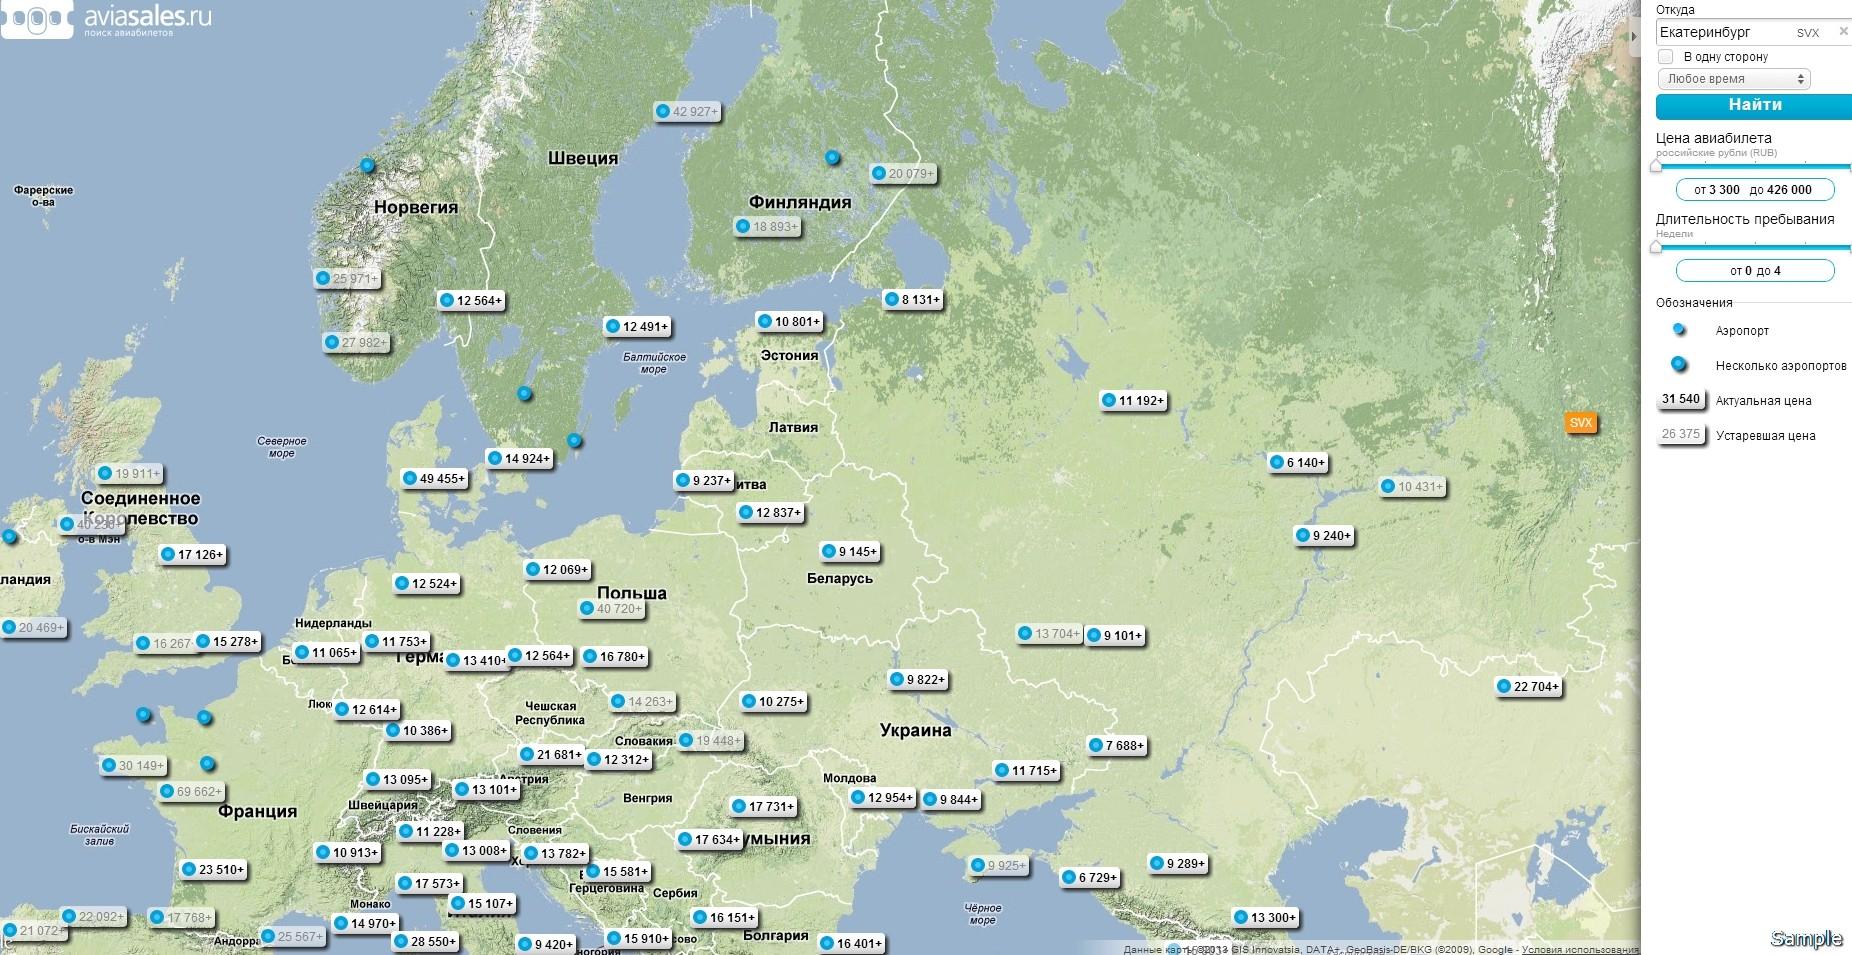 Карта цен Авиасейлса Екатеринбург - Европа